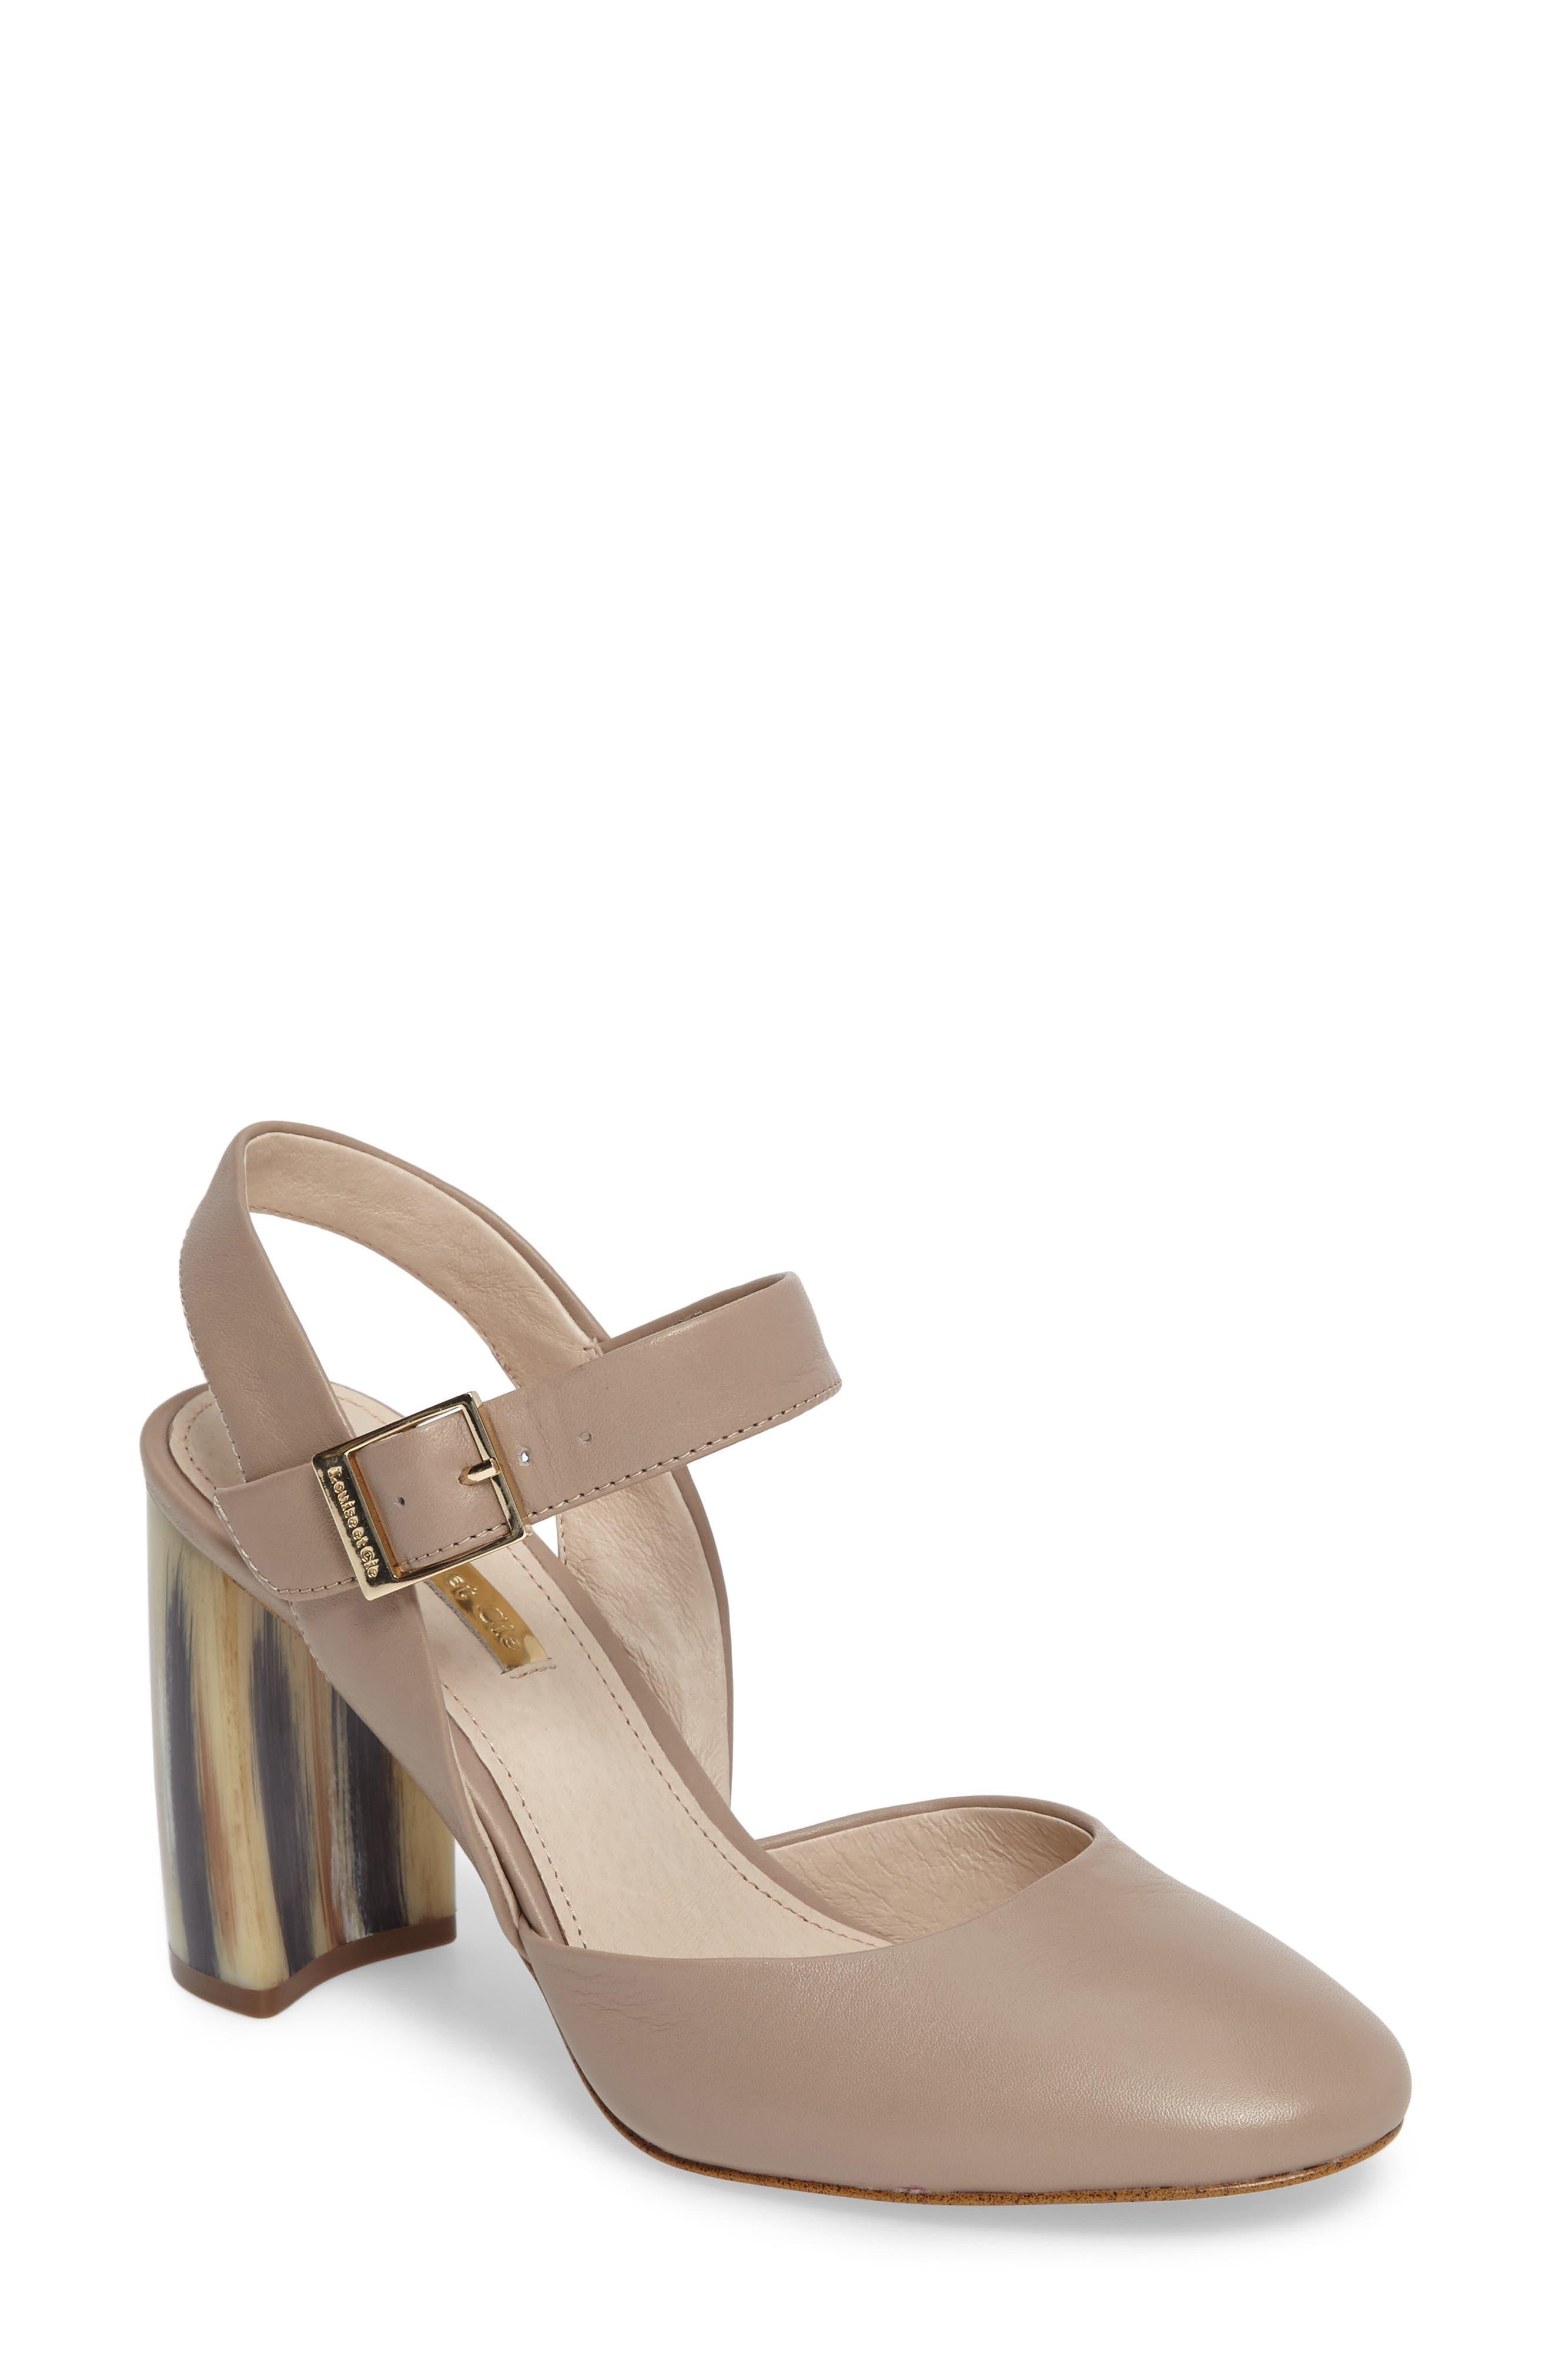 Alternate Image 1 Selected - Louise et Cie Juveau Crescent Heel Pump (Women)